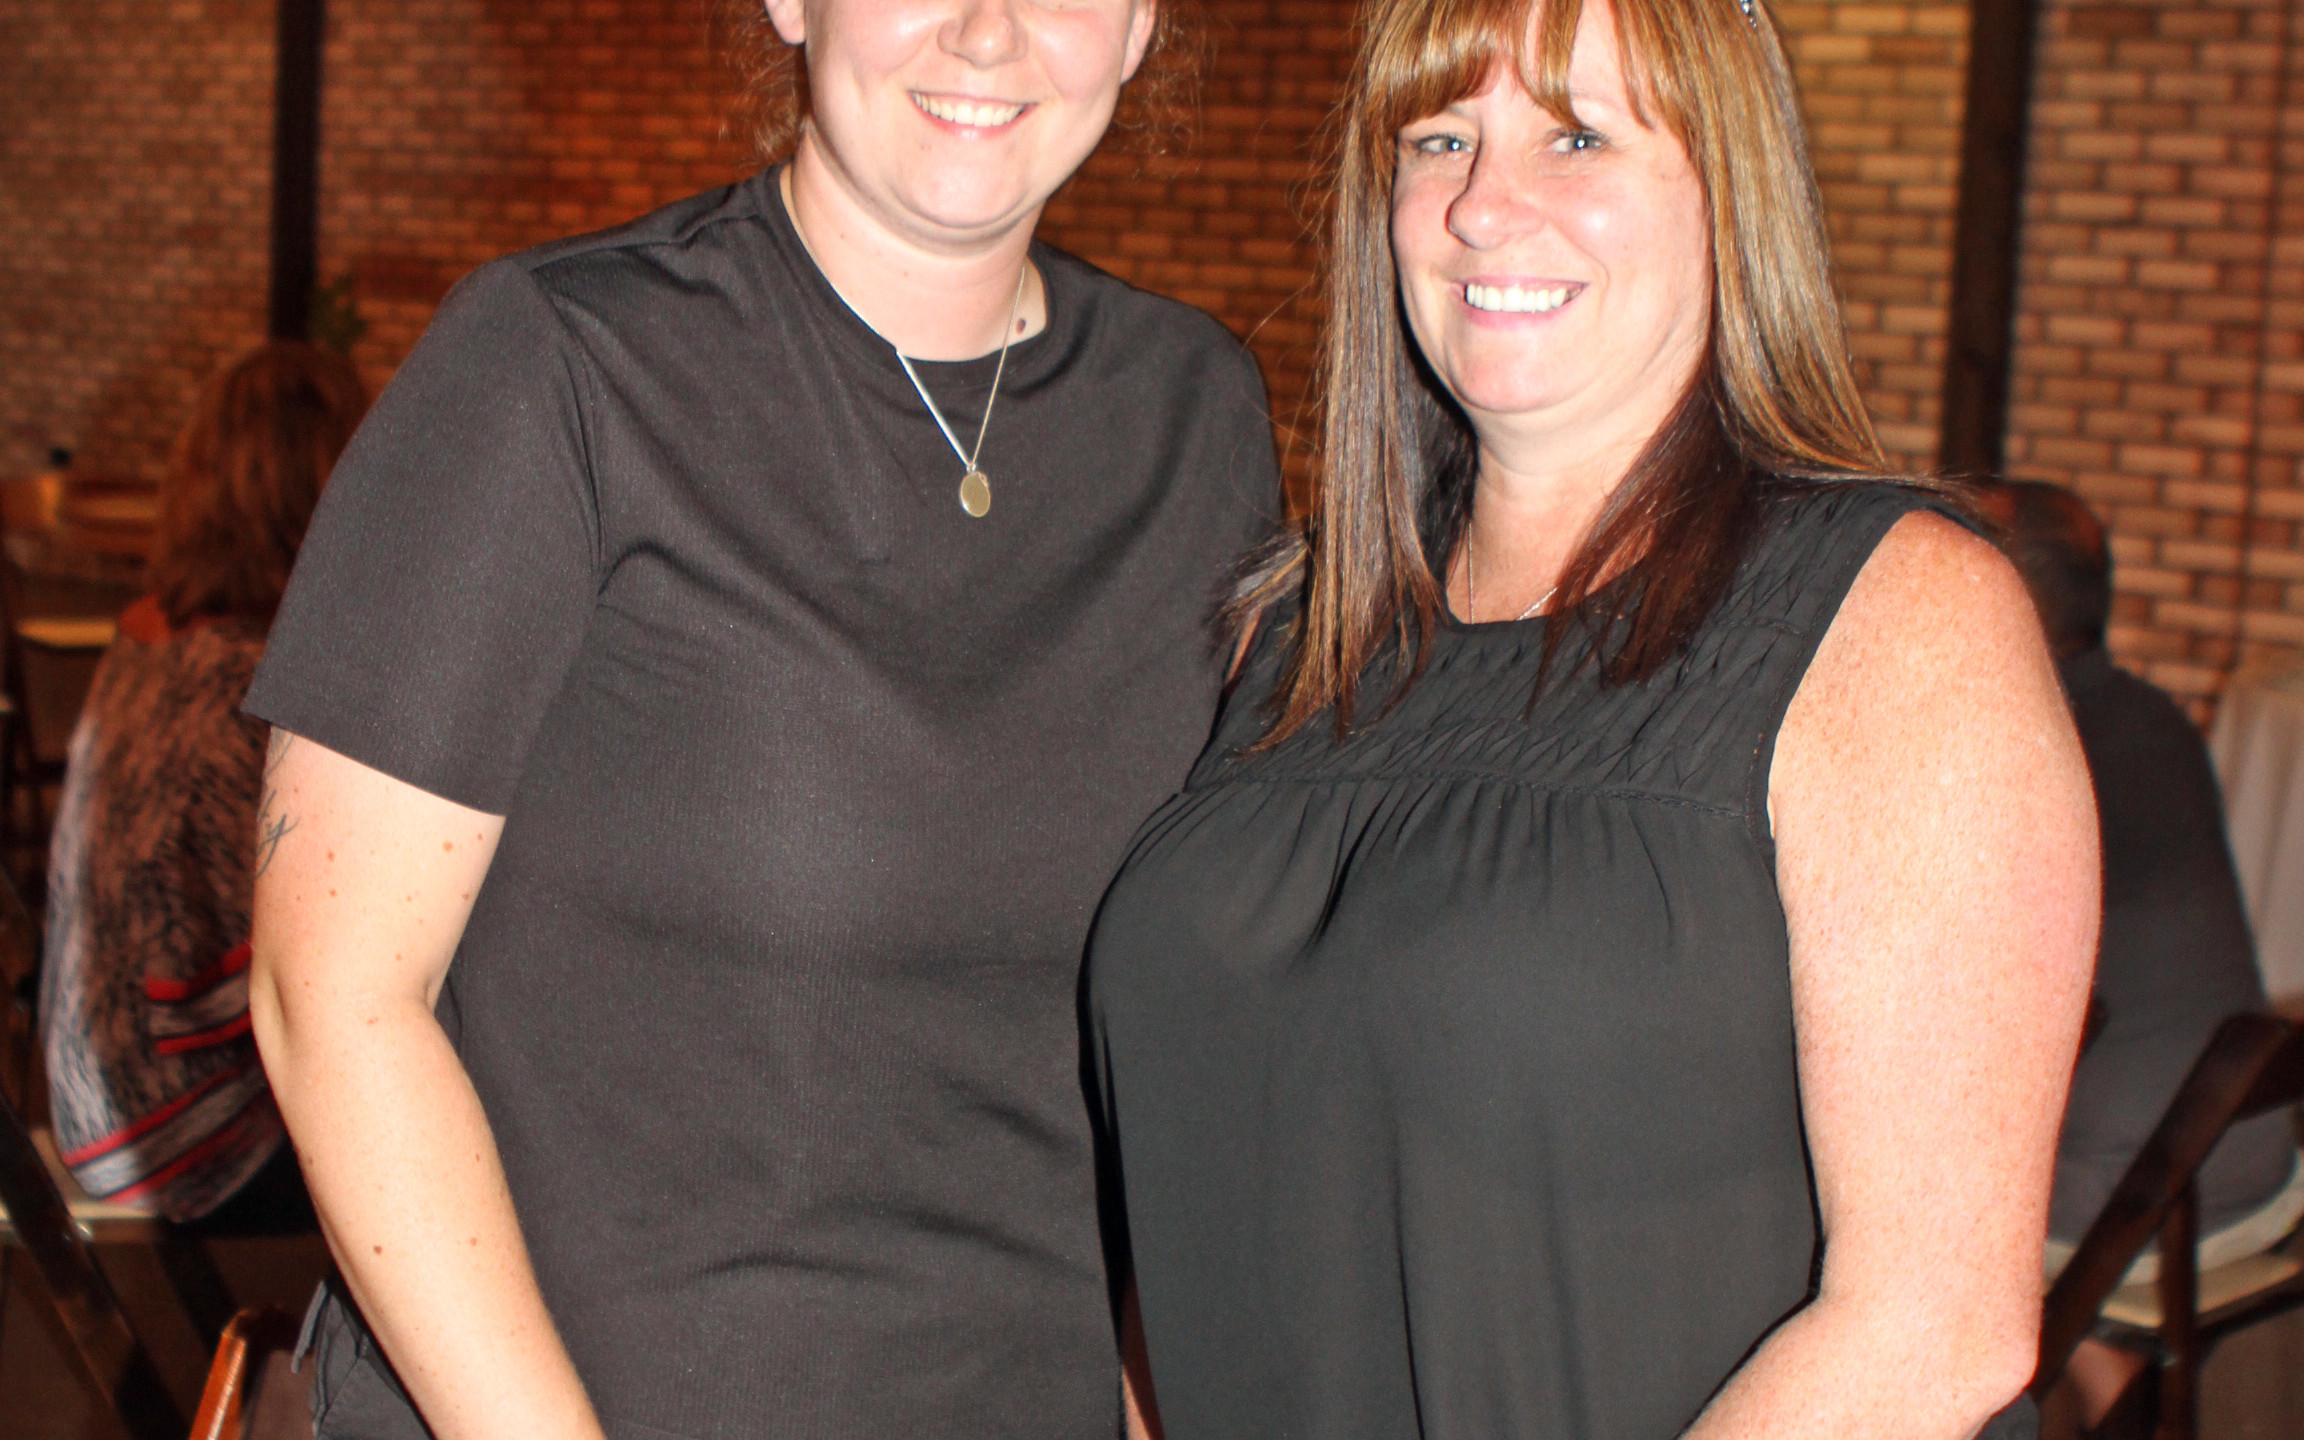 Courtney & Gina Louk,